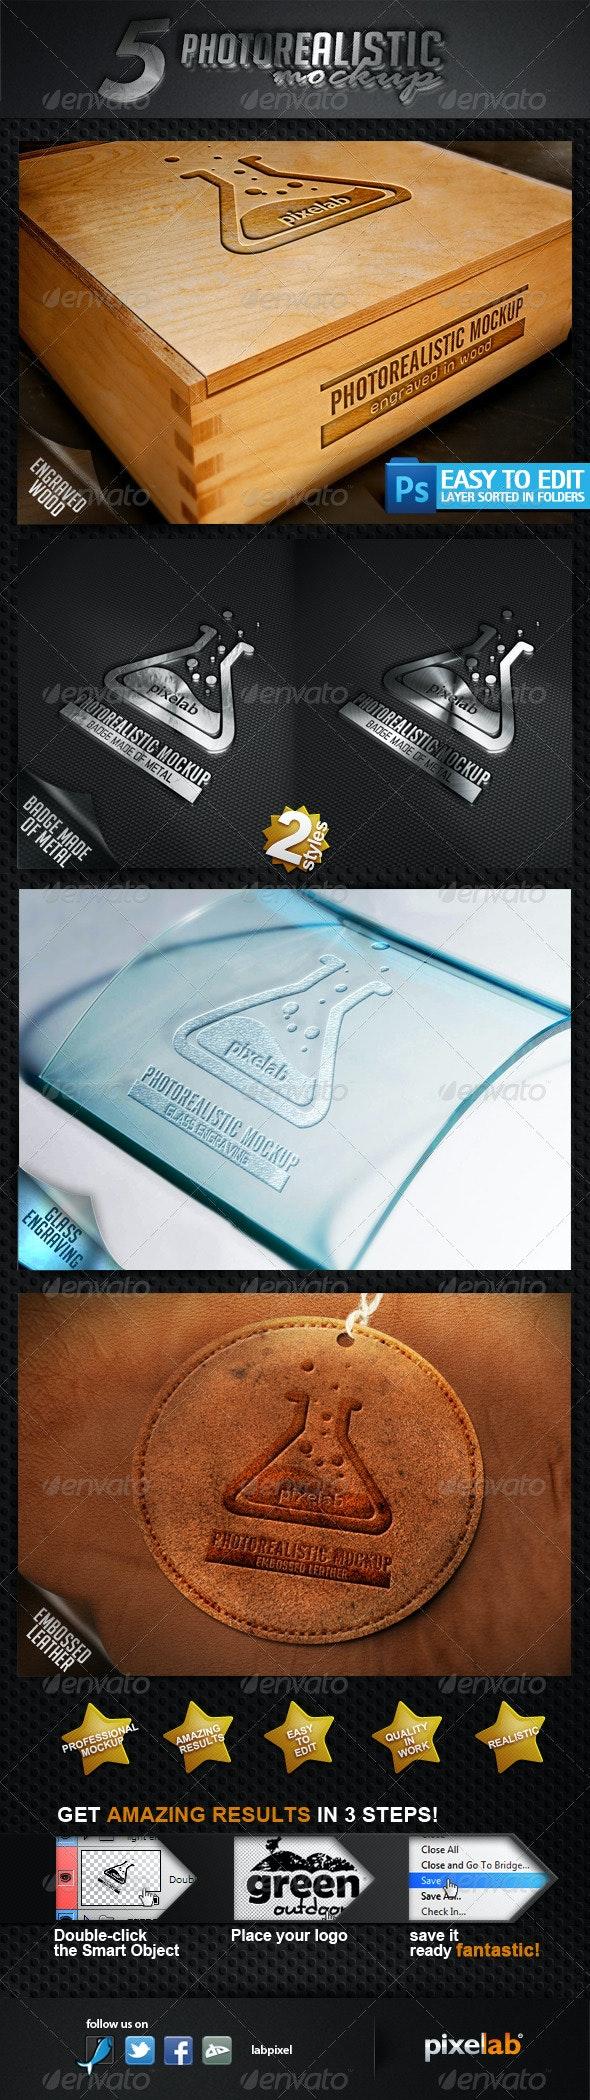 Photorealistic Logo MockUp - Logo Product Mock-Ups